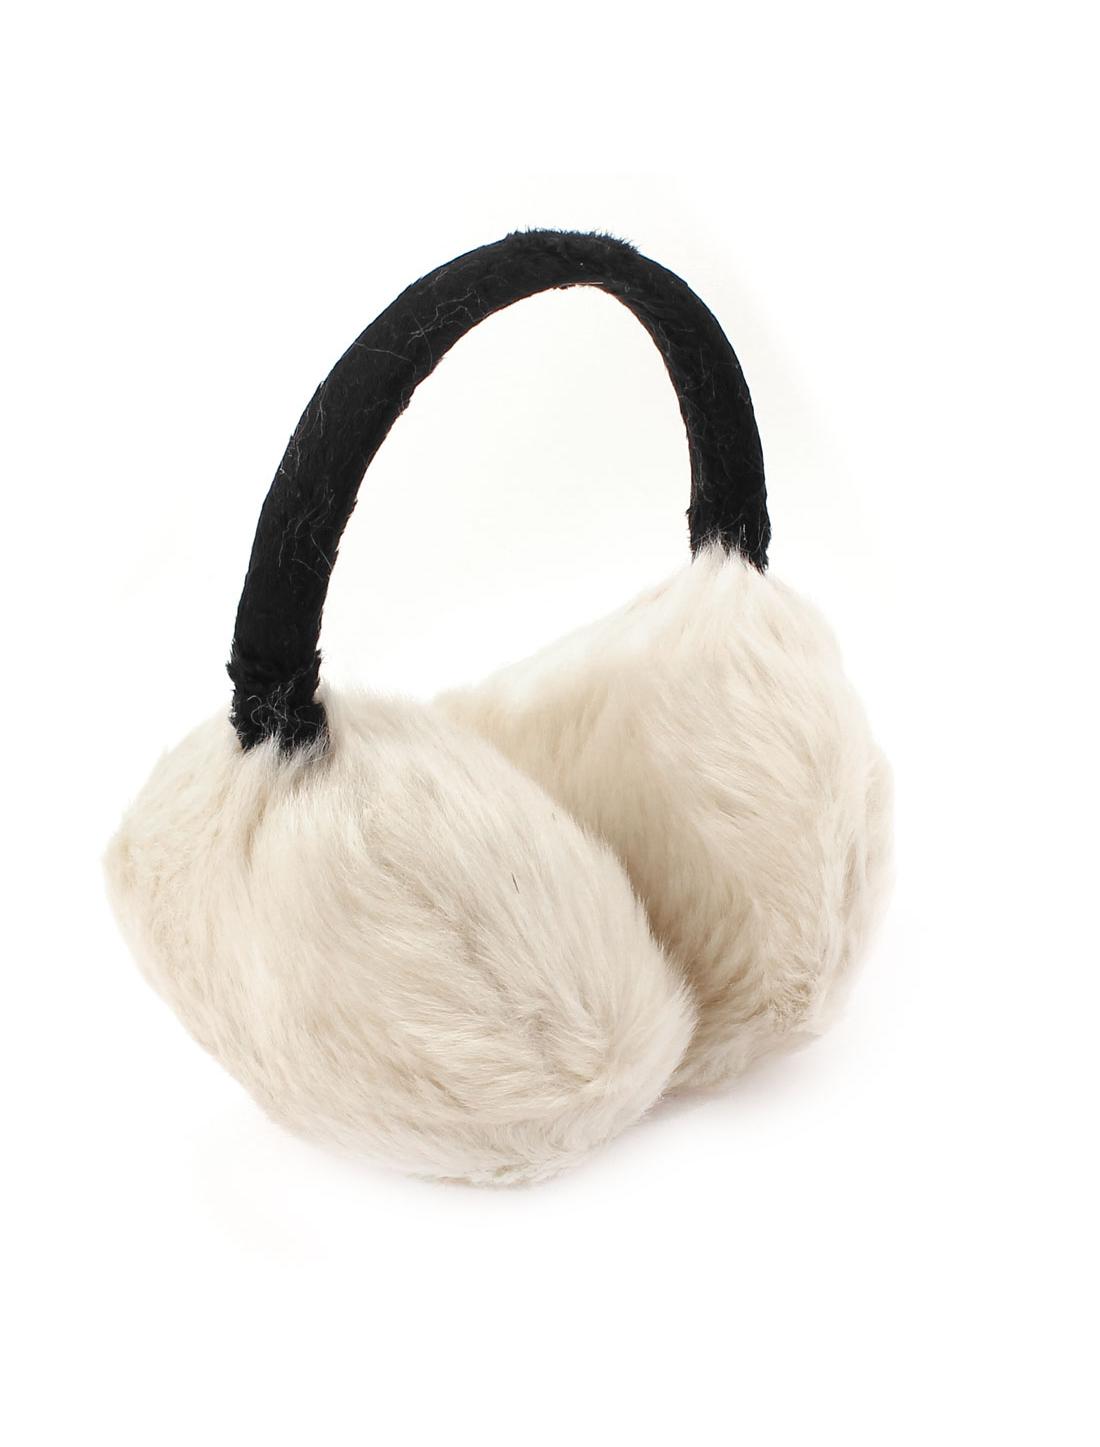 Lady Winter Plush Earmuffs Ear Warmers Earlap Headband Black Off White